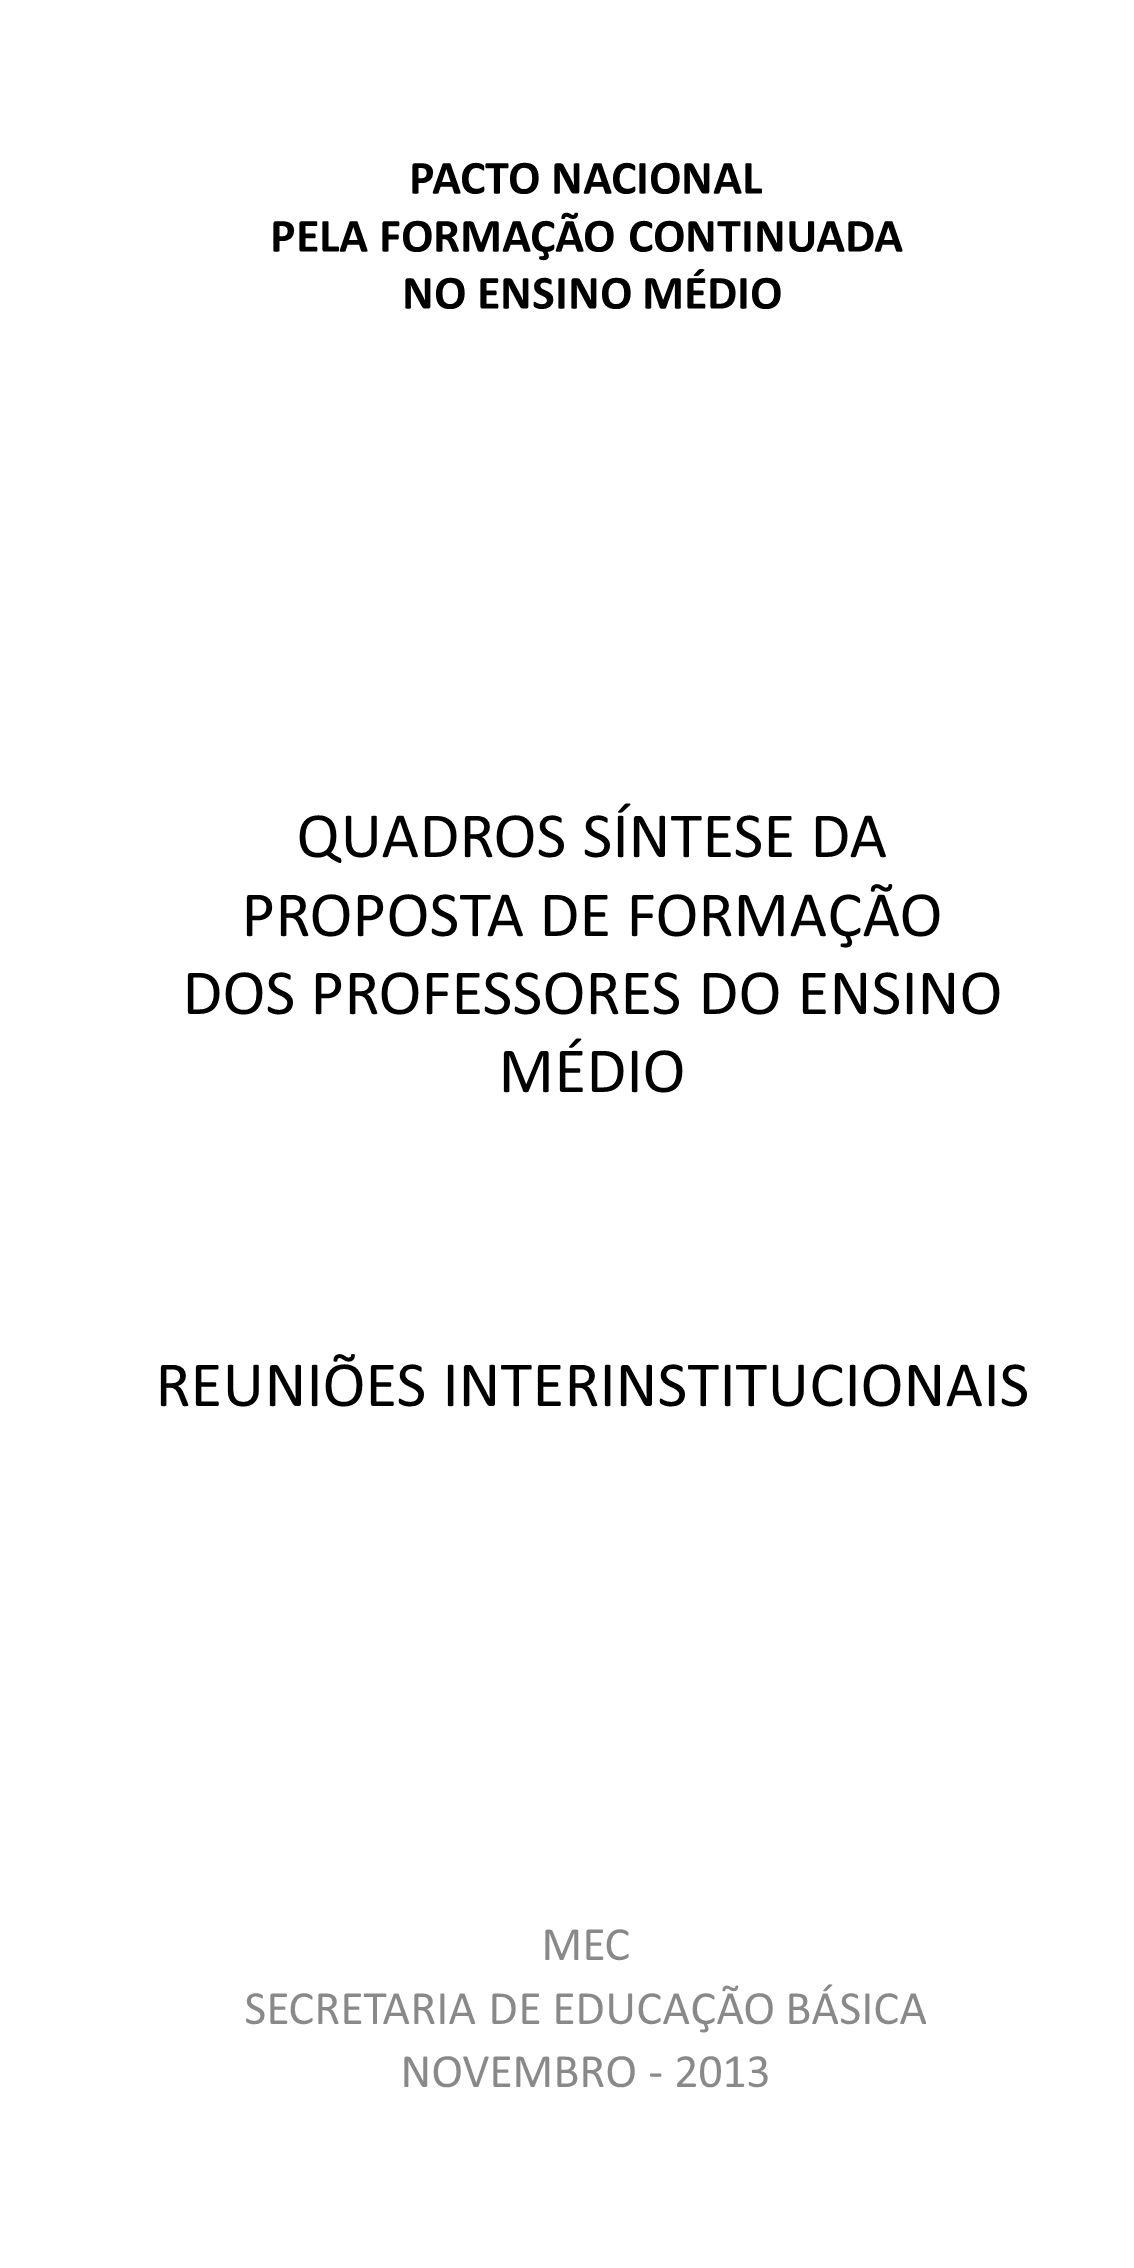 QUADROS SÍNTESE DA PROPOSTA DE FORMAÇÃO DOS PROFESSORES DO ENSINO MÉDIO REUNIÕES INTERINSTITUCIONAIS MEC SECRETARIA DE EDUCAÇÃO BÁSICA NOVEMBRO - 2013